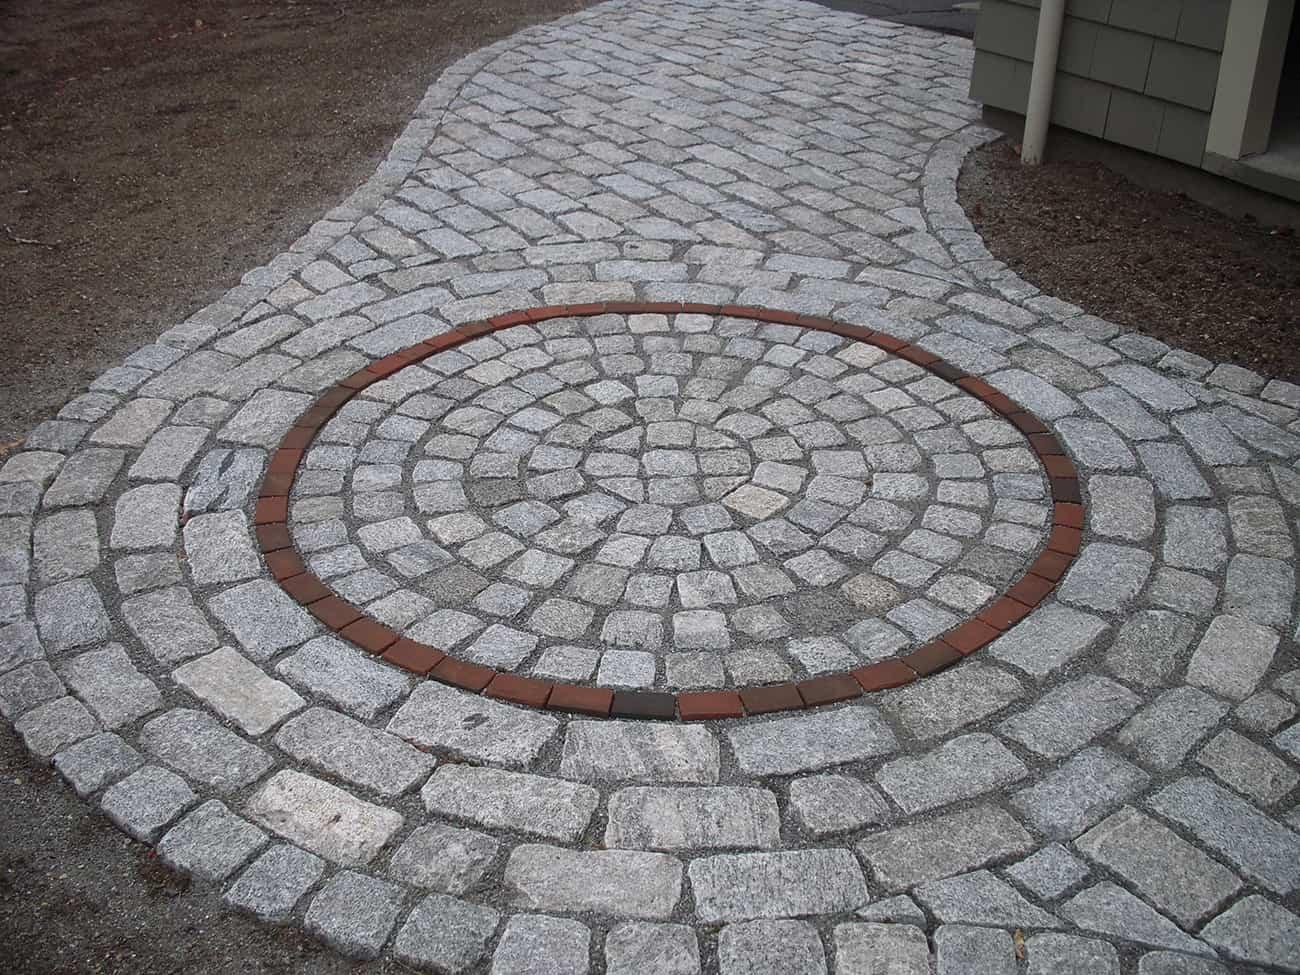 Circular patio area